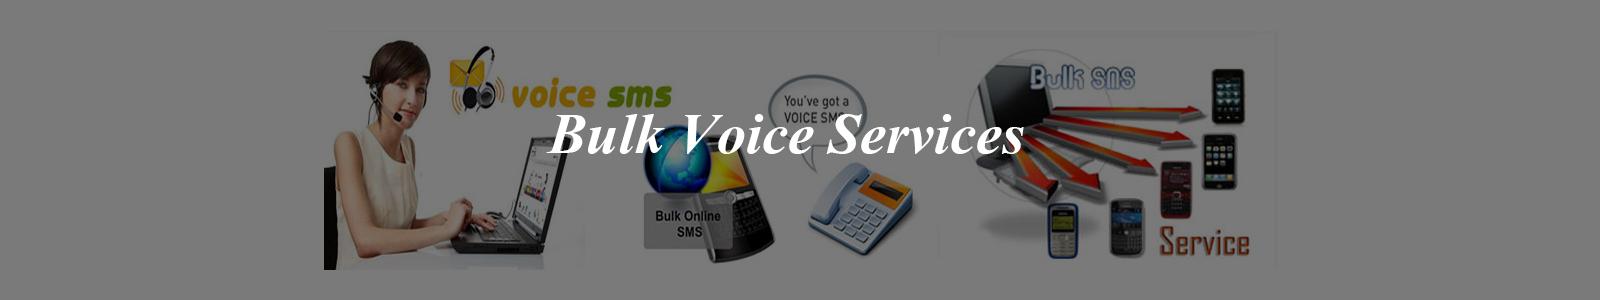 bulk voice services